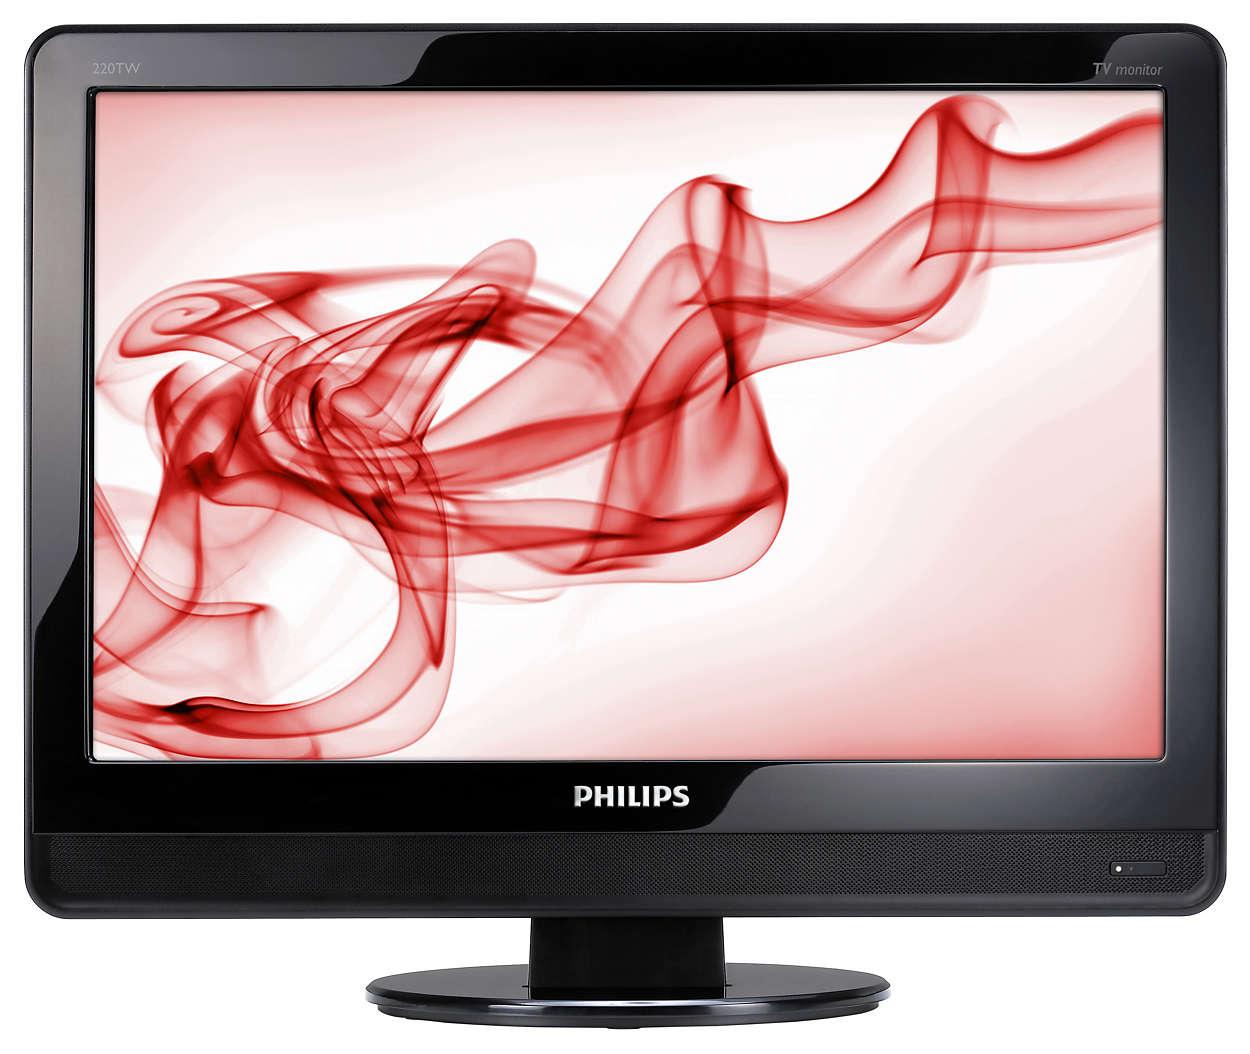 Ψηφιακή οθόνη HD-TV σε ένα κομψό πακέτο